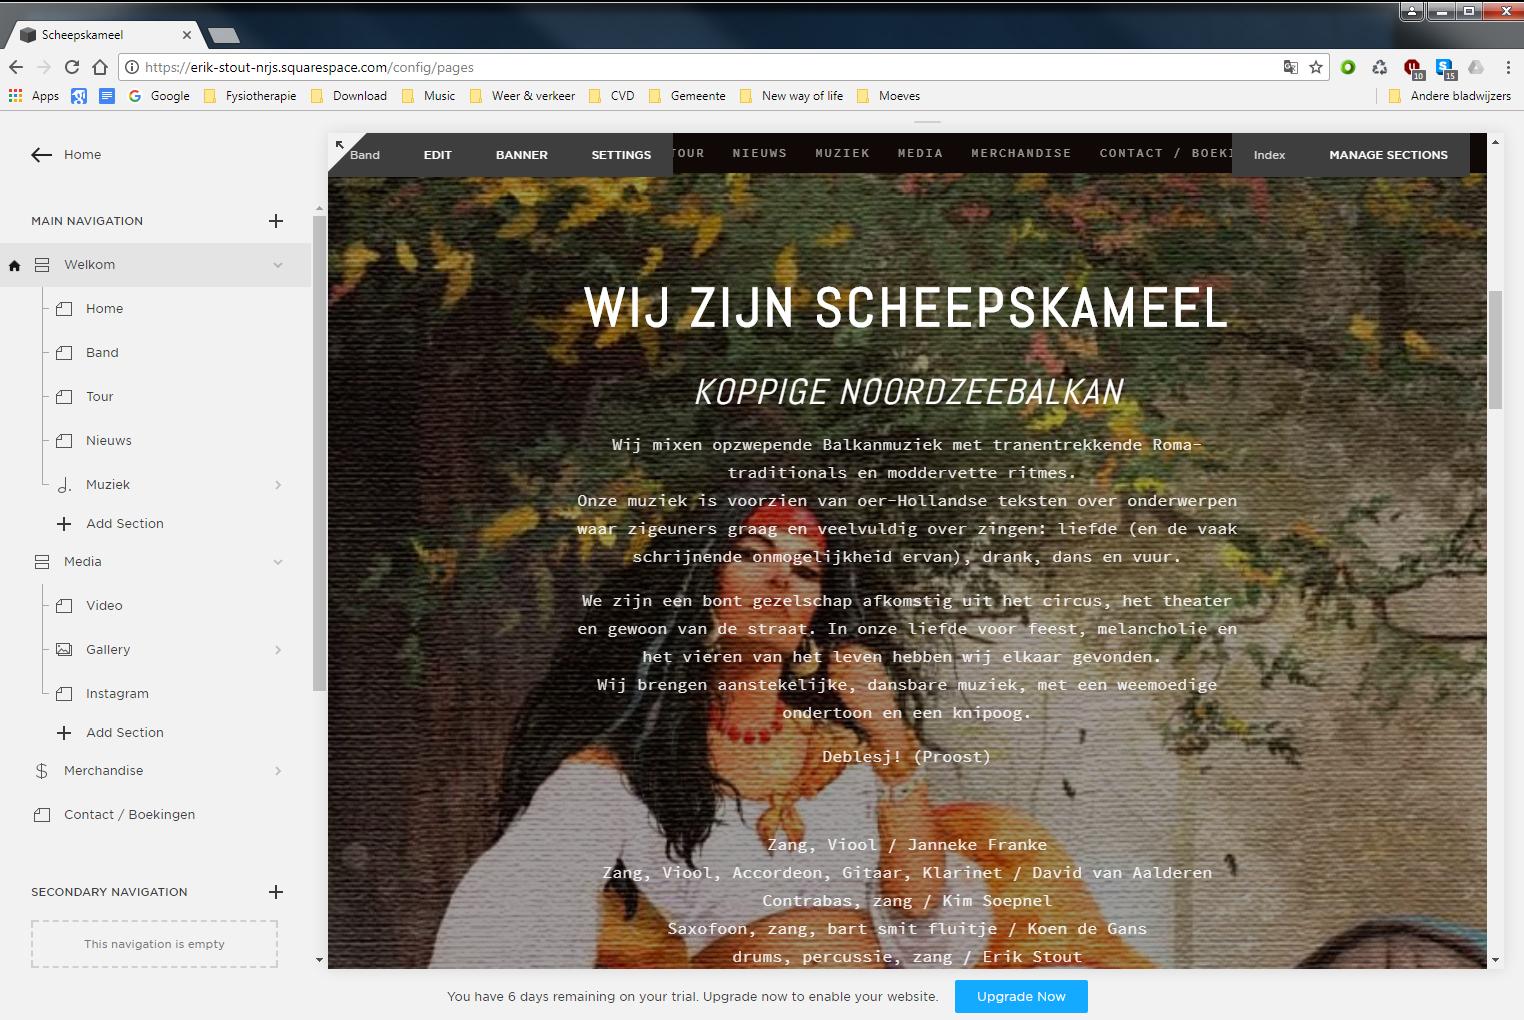 171129 bouw nieuwe website 01.jpg